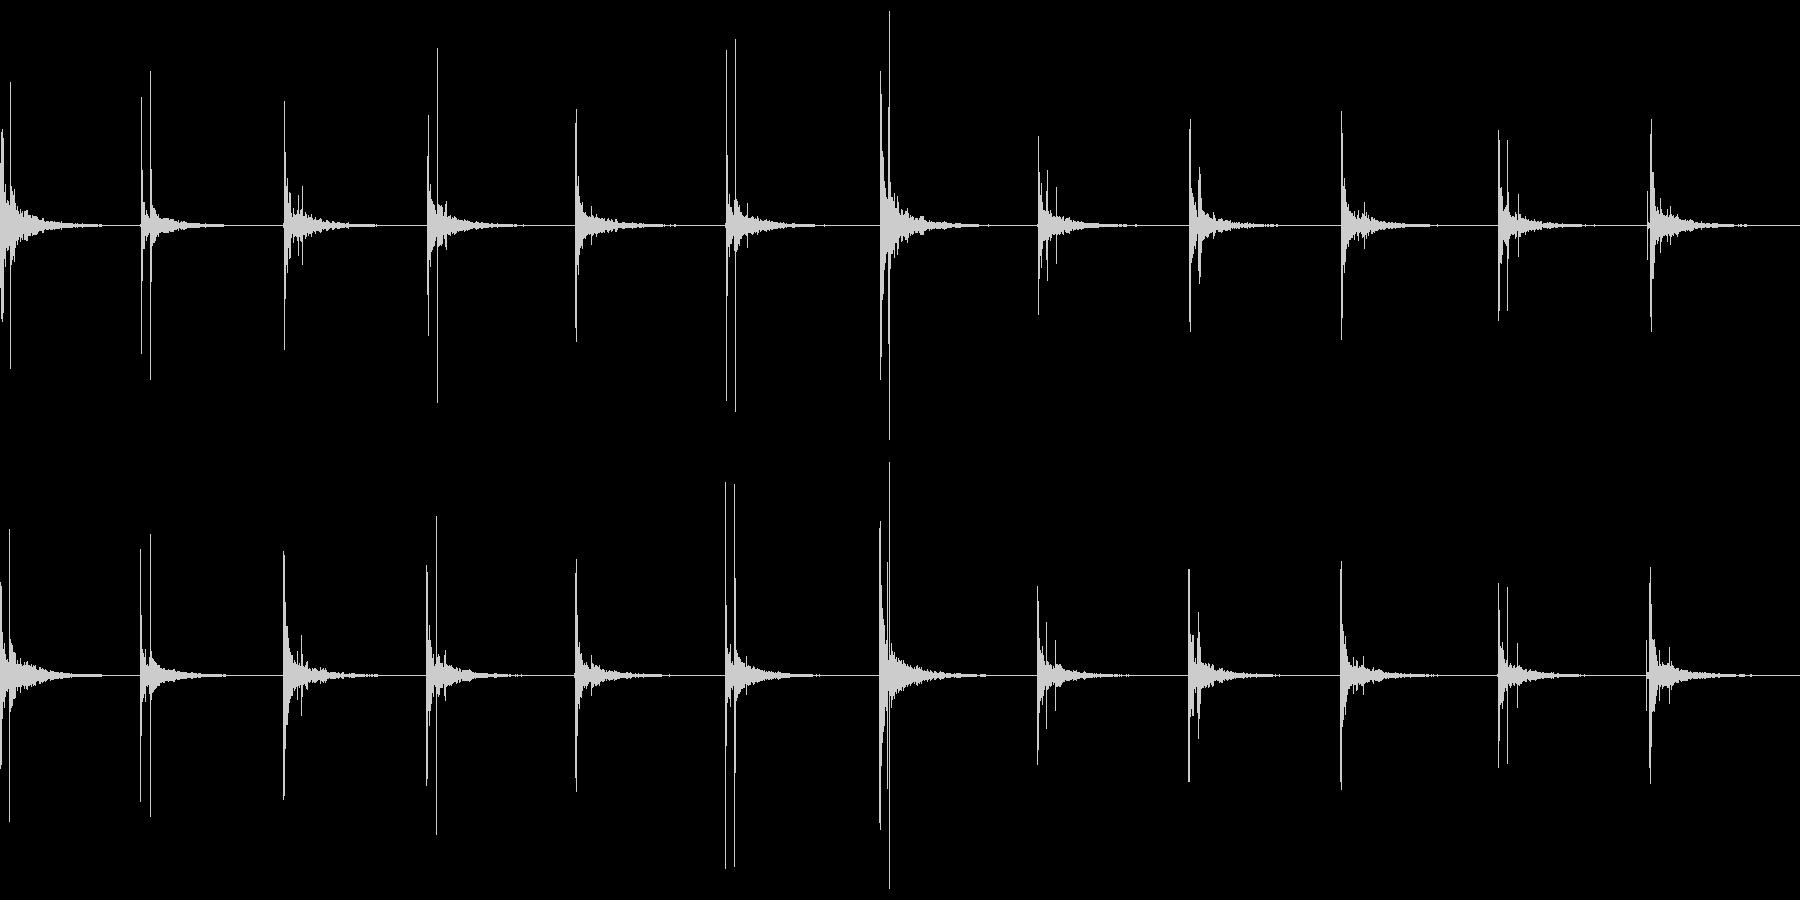 水滴_雫_ピチョーン_洞窟反響の未再生の波形